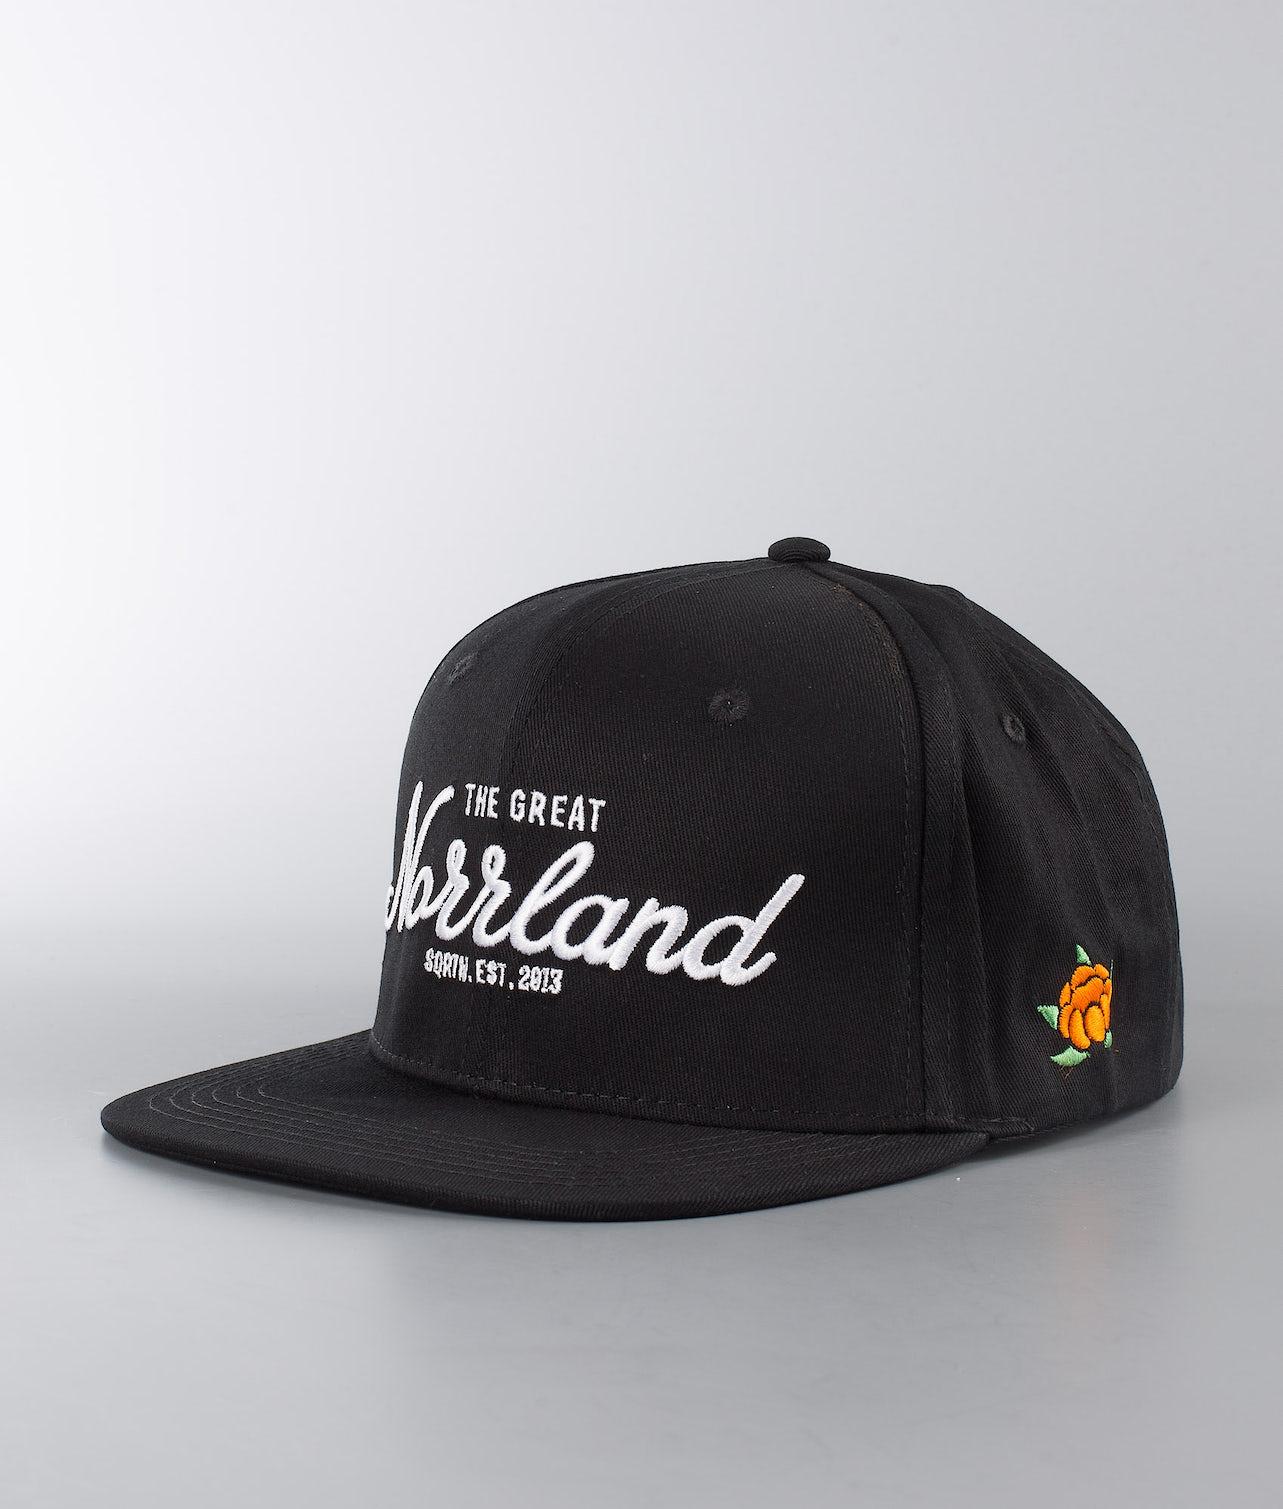 Kjøp Great Norrland Caps fra SQRTN på Ridestore.no - Hos oss har du alltid fri frakt, fri retur og 30 dagers åpent kjøp!